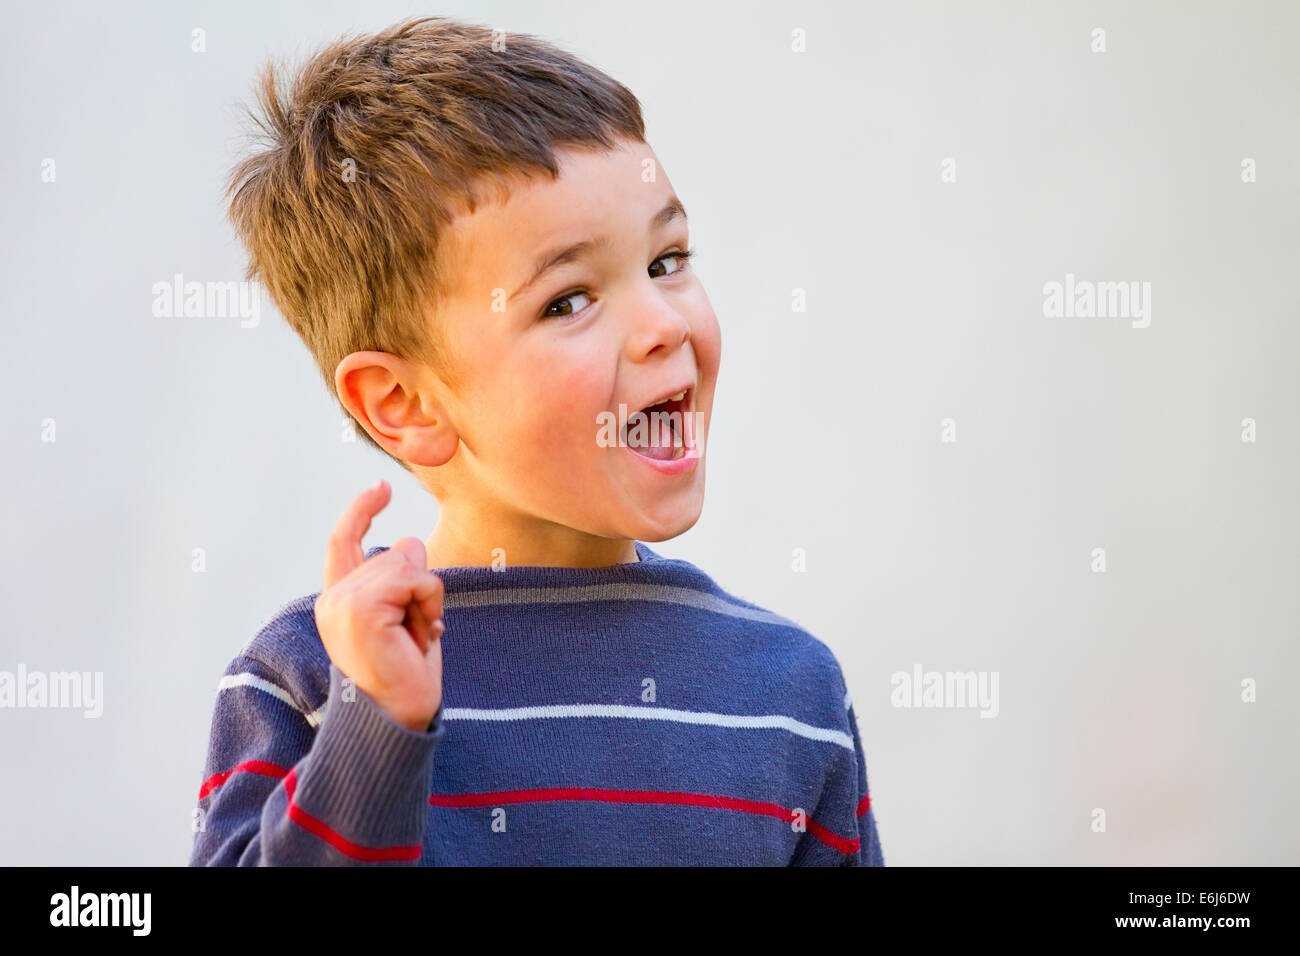 laughing boy - Pixdaus